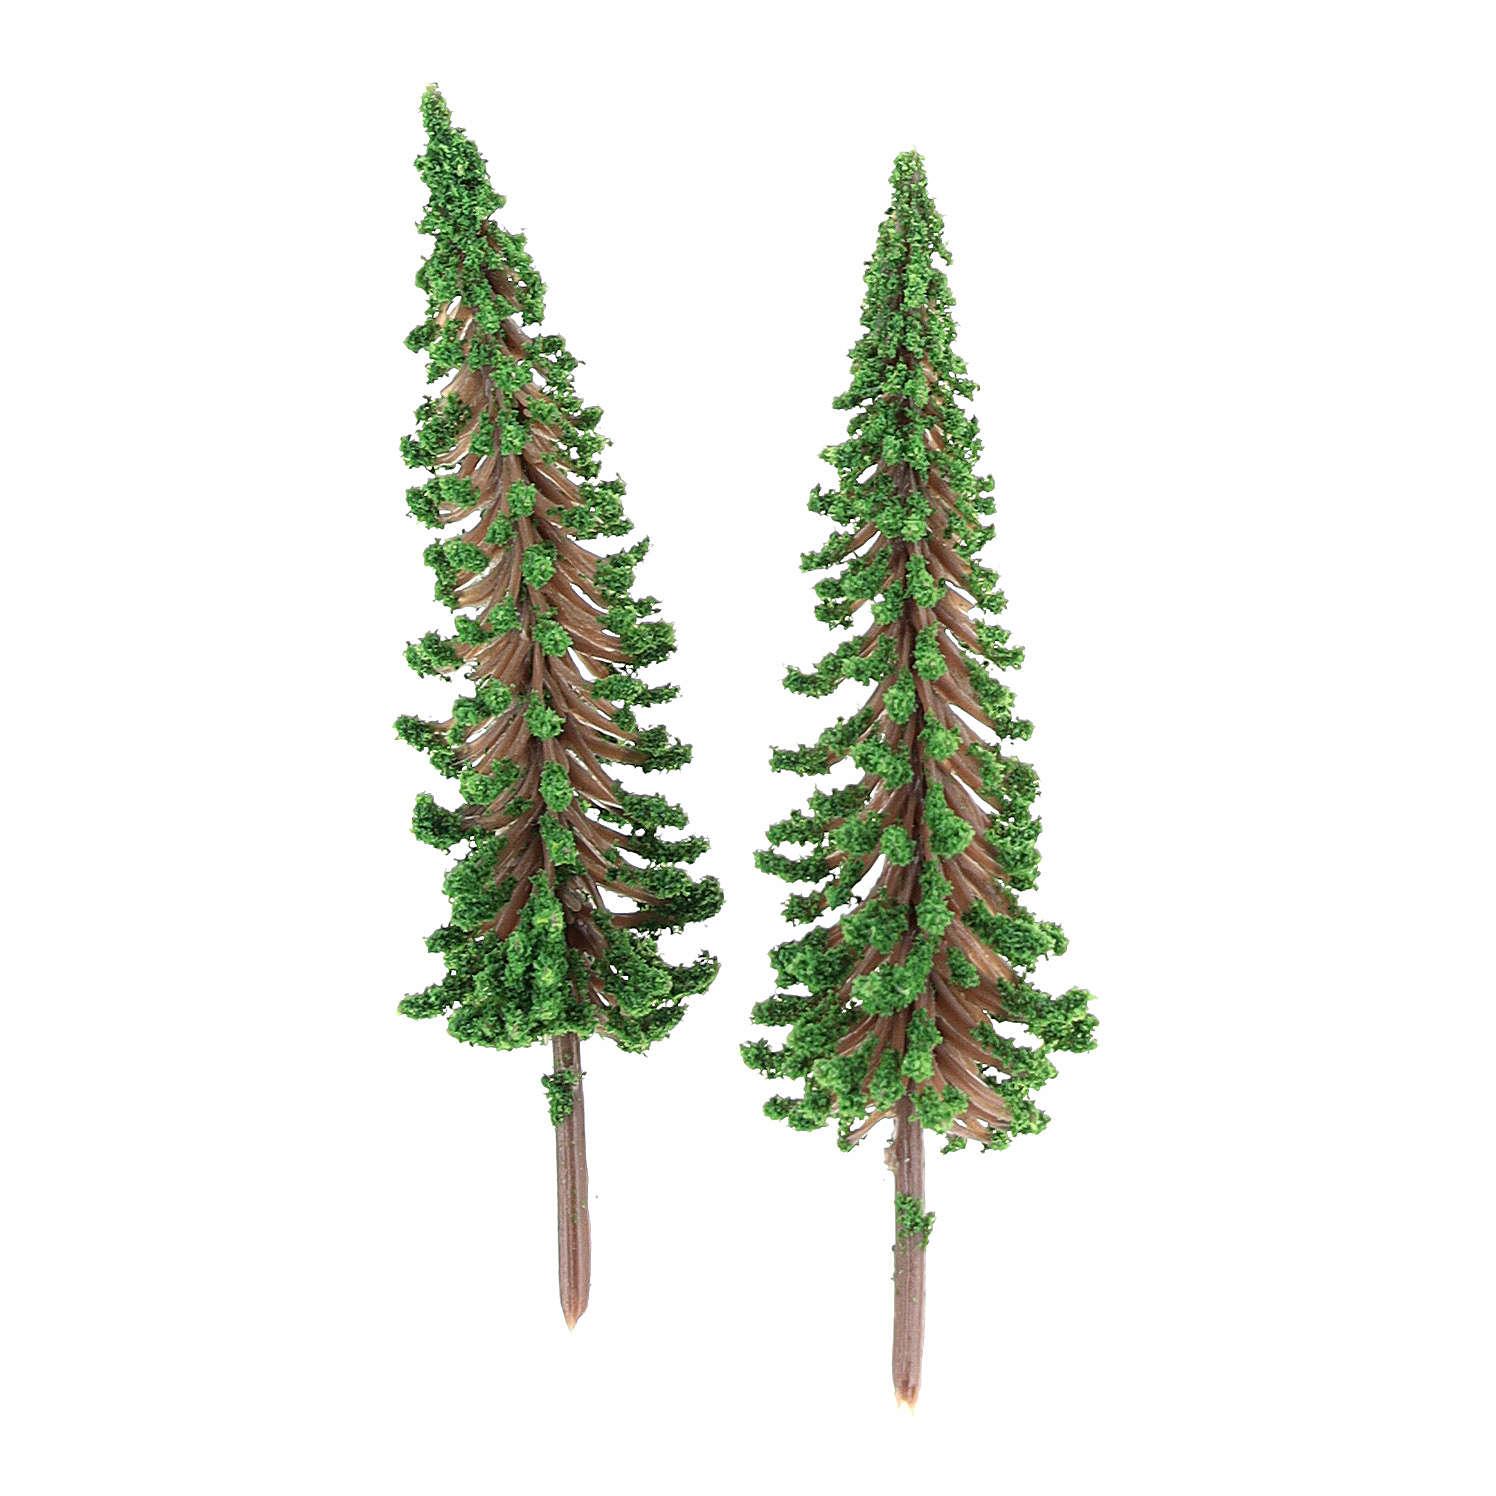 Árboles cipreses 2 piezas para belén hecho con bricolaje h real 6,5 cm 4